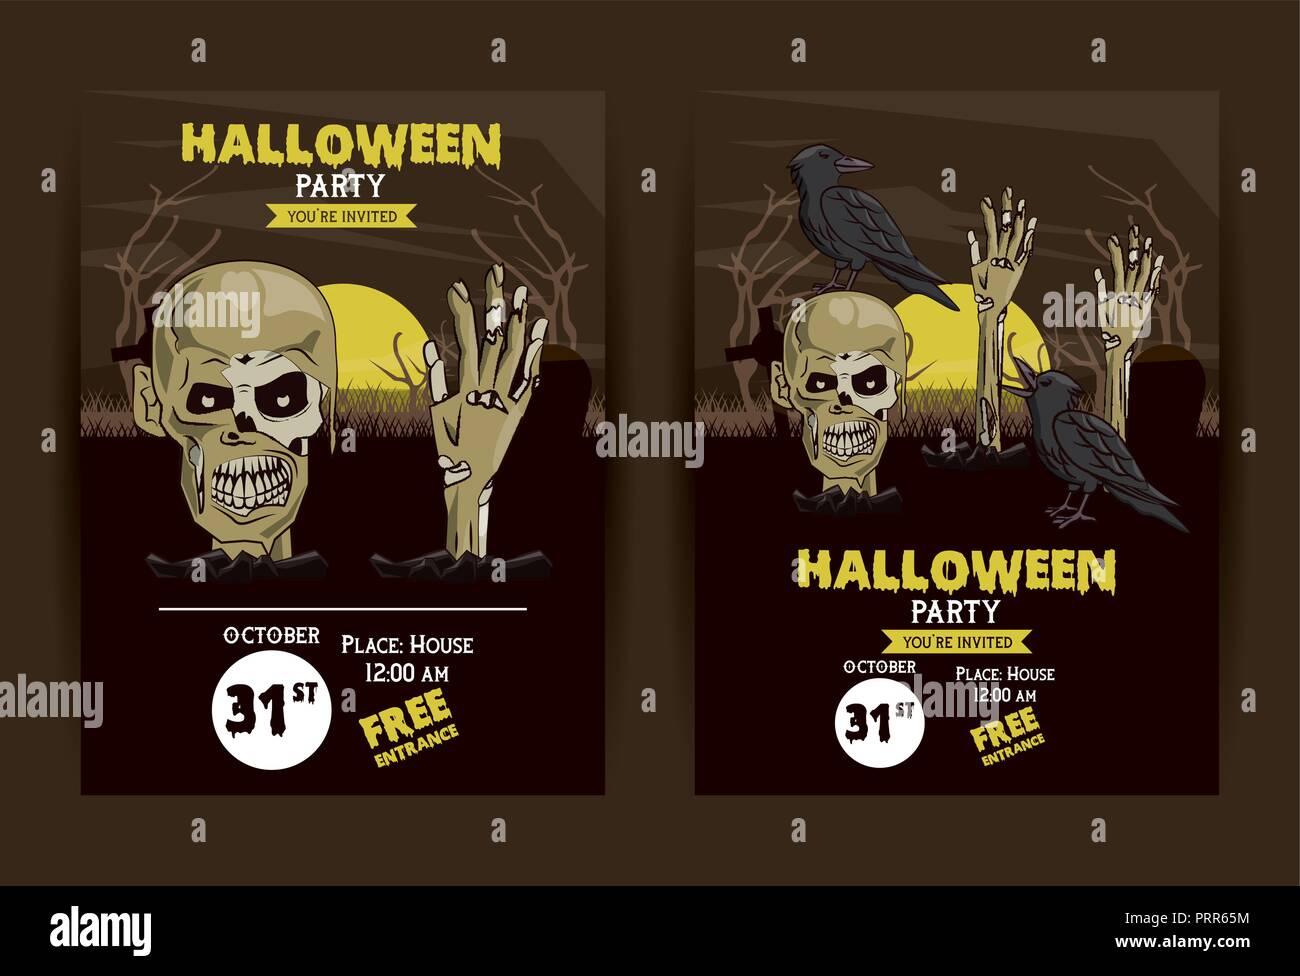 Conjunto De Tarjetas De Invitación A Fiesta De Halloween